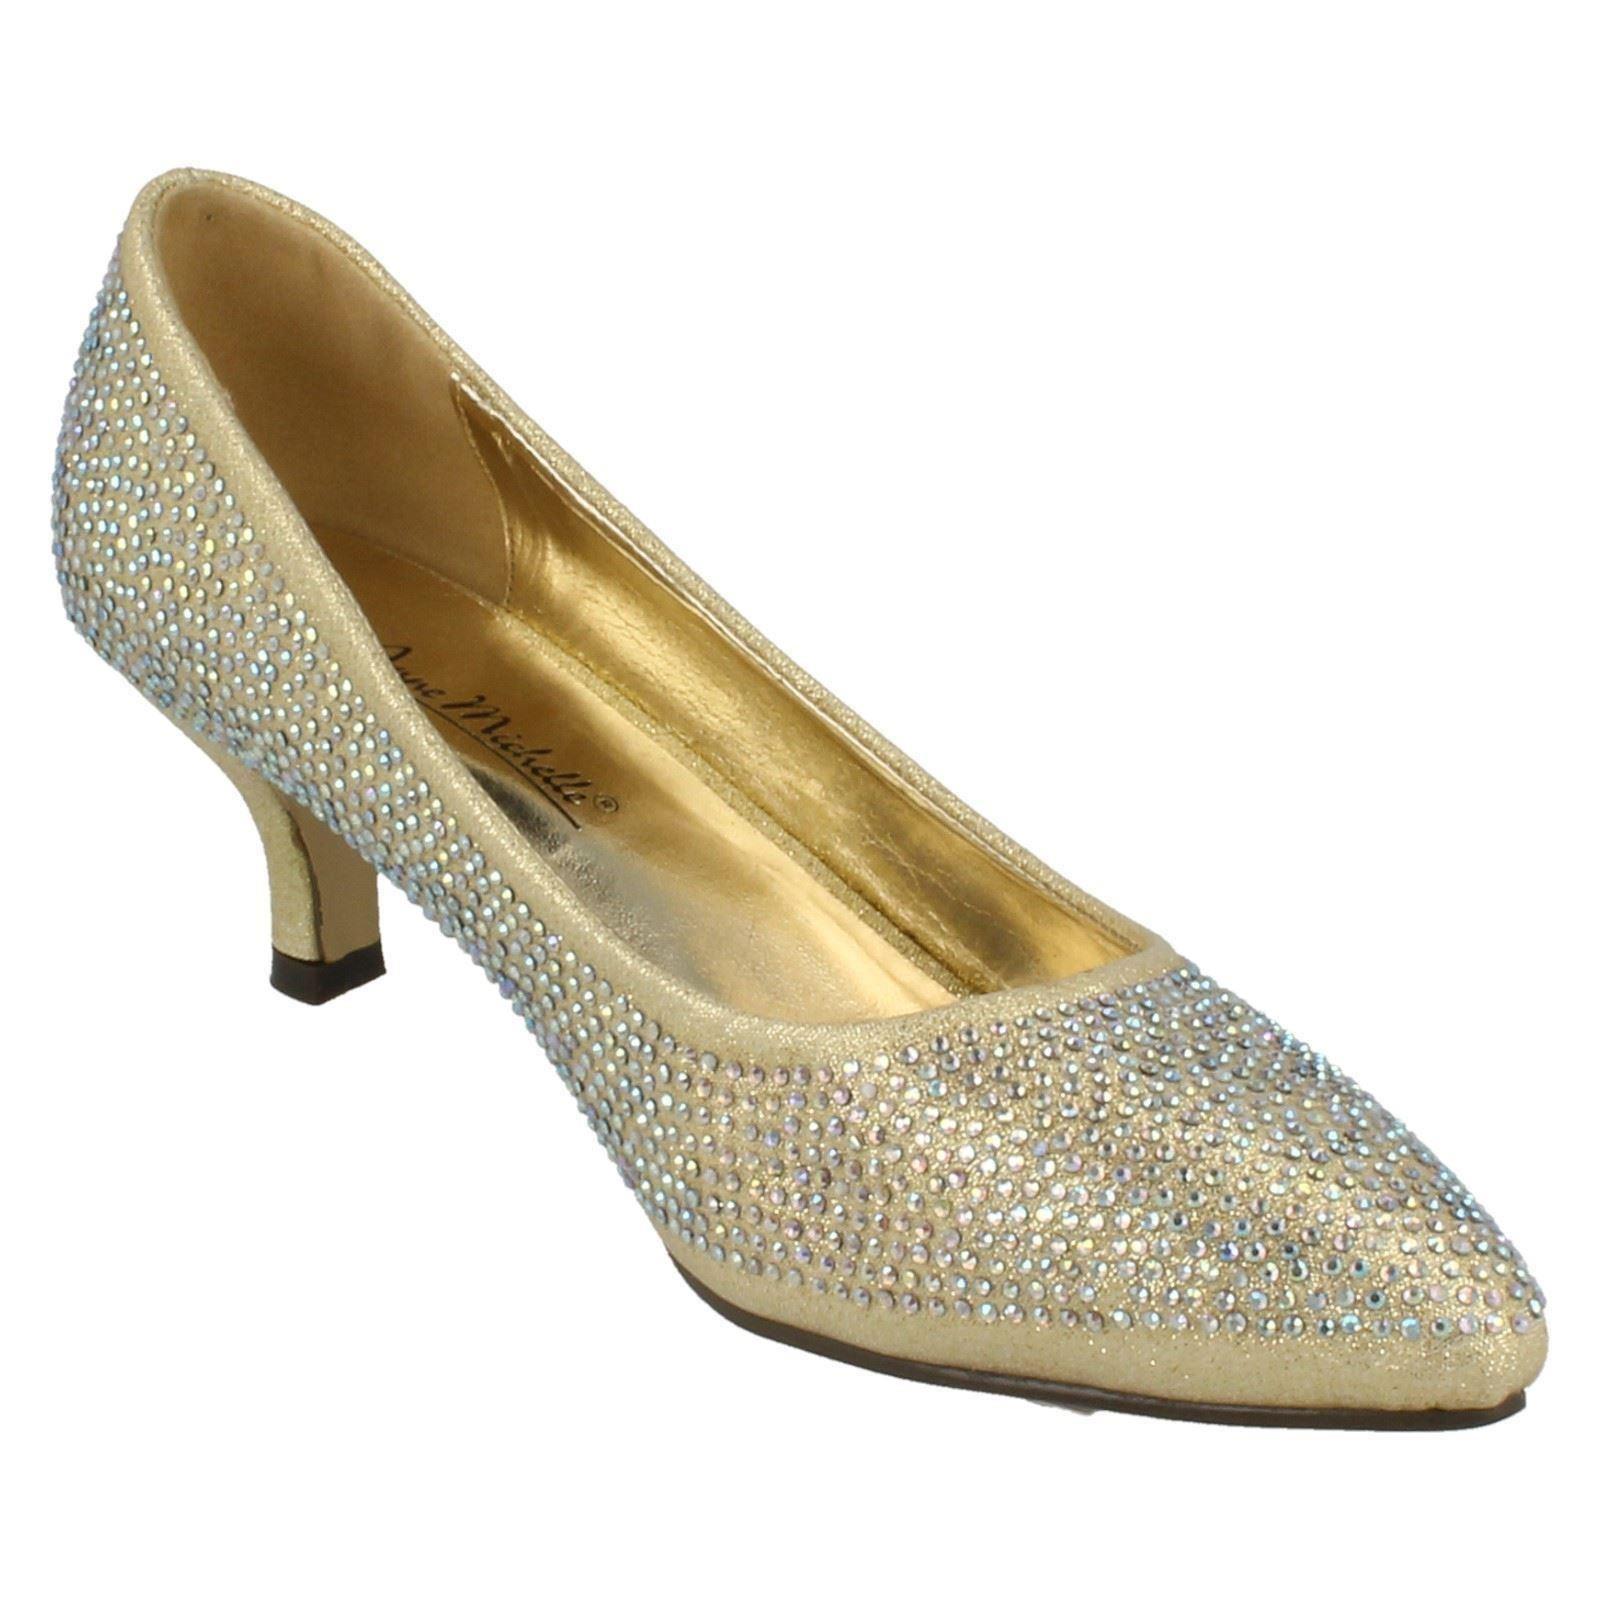 Ladies-Anne-Michelle-Diamante-Low-Heel-Court-Shoes thumbnail 14